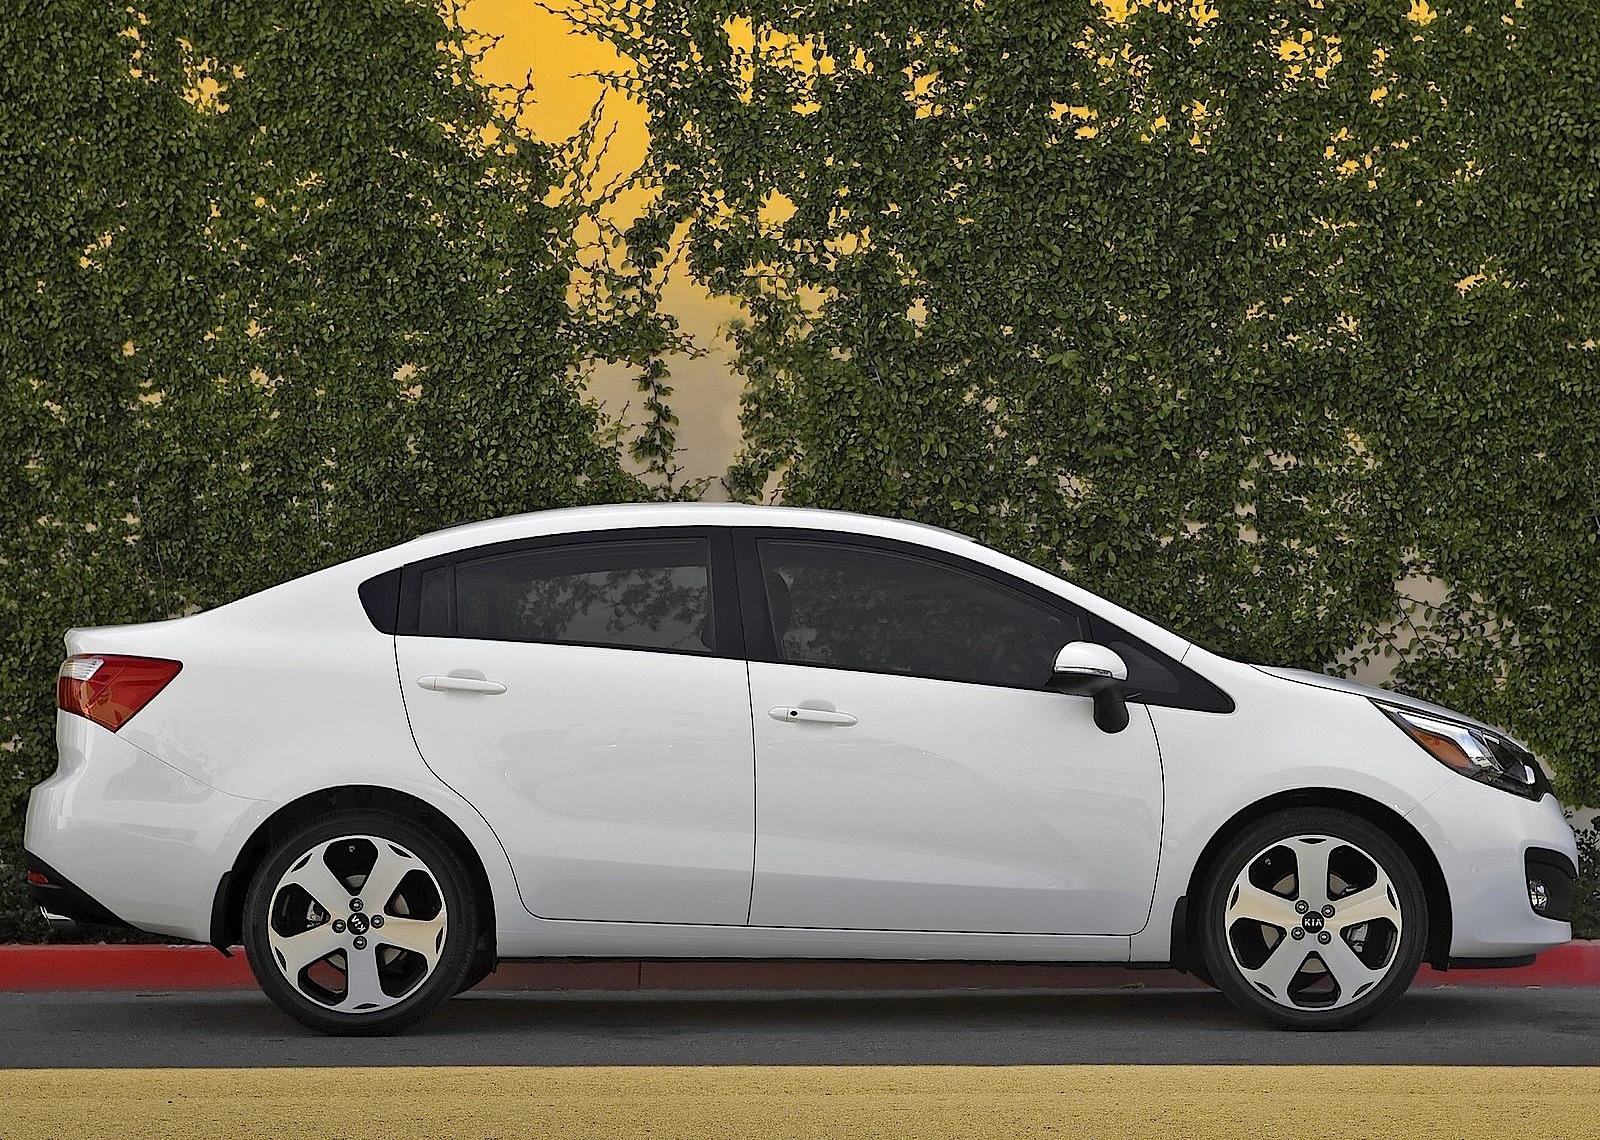 kia rio sedan specs  u0026 photos - 2011  2012  2013  2014  2015  2016  2017  2018  2019